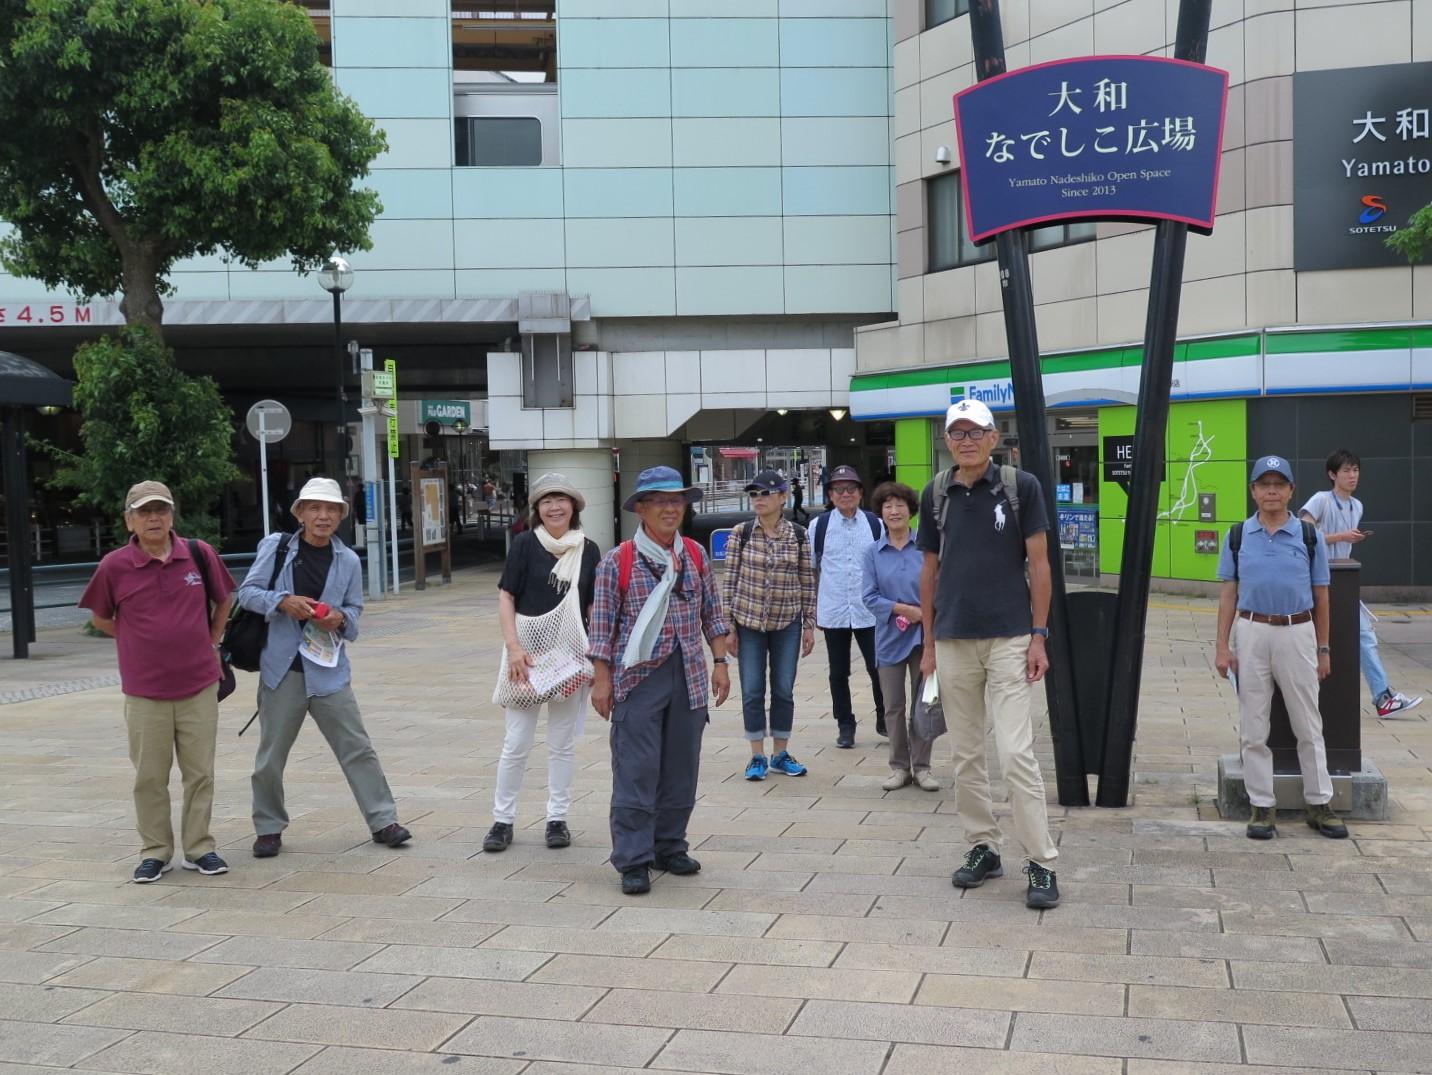 小田急線大和駅前